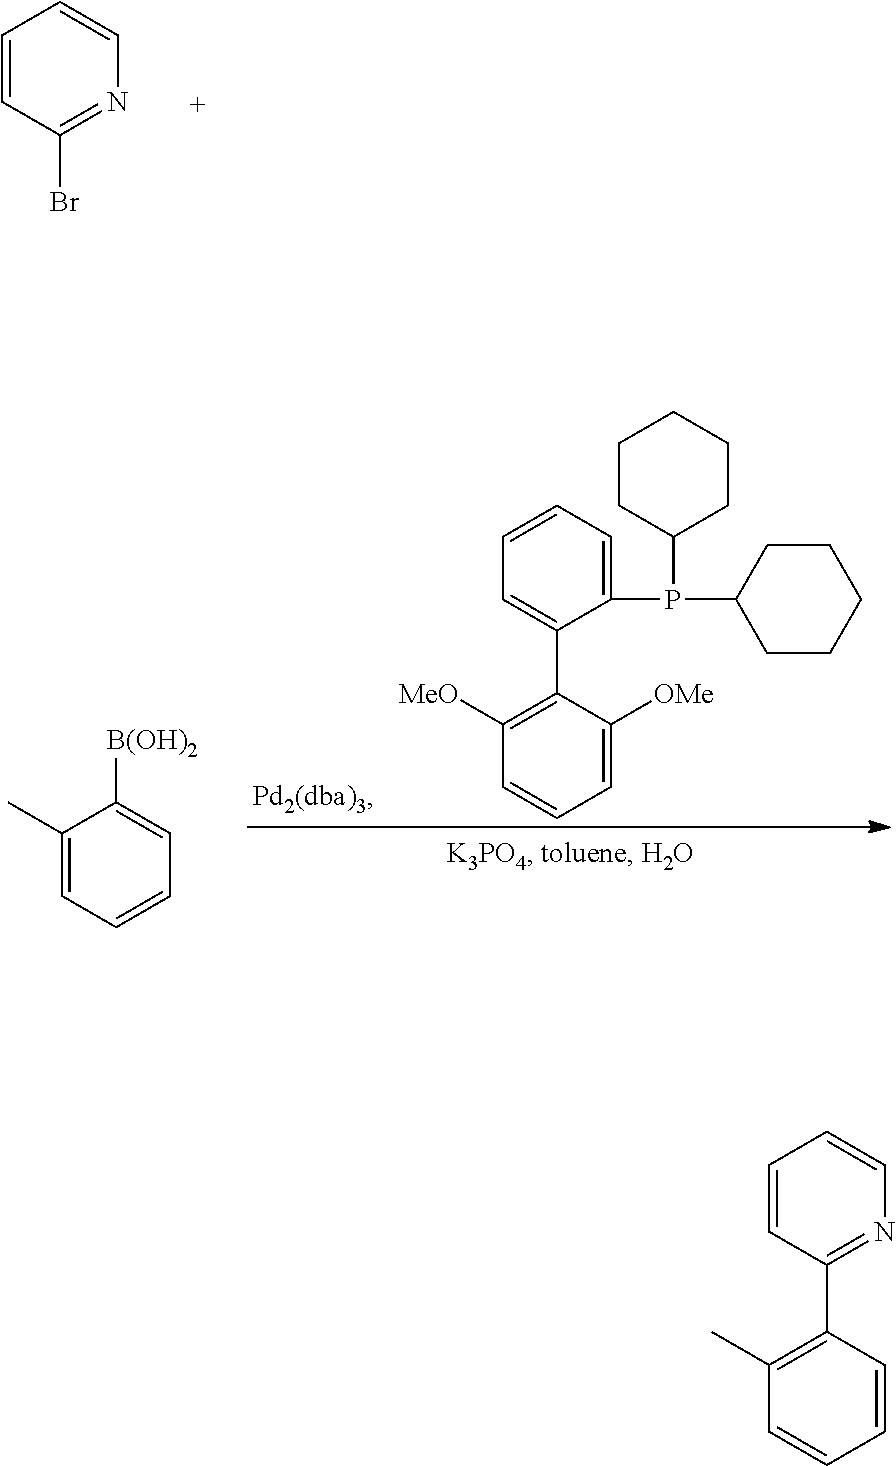 Figure US09899612-20180220-C00158